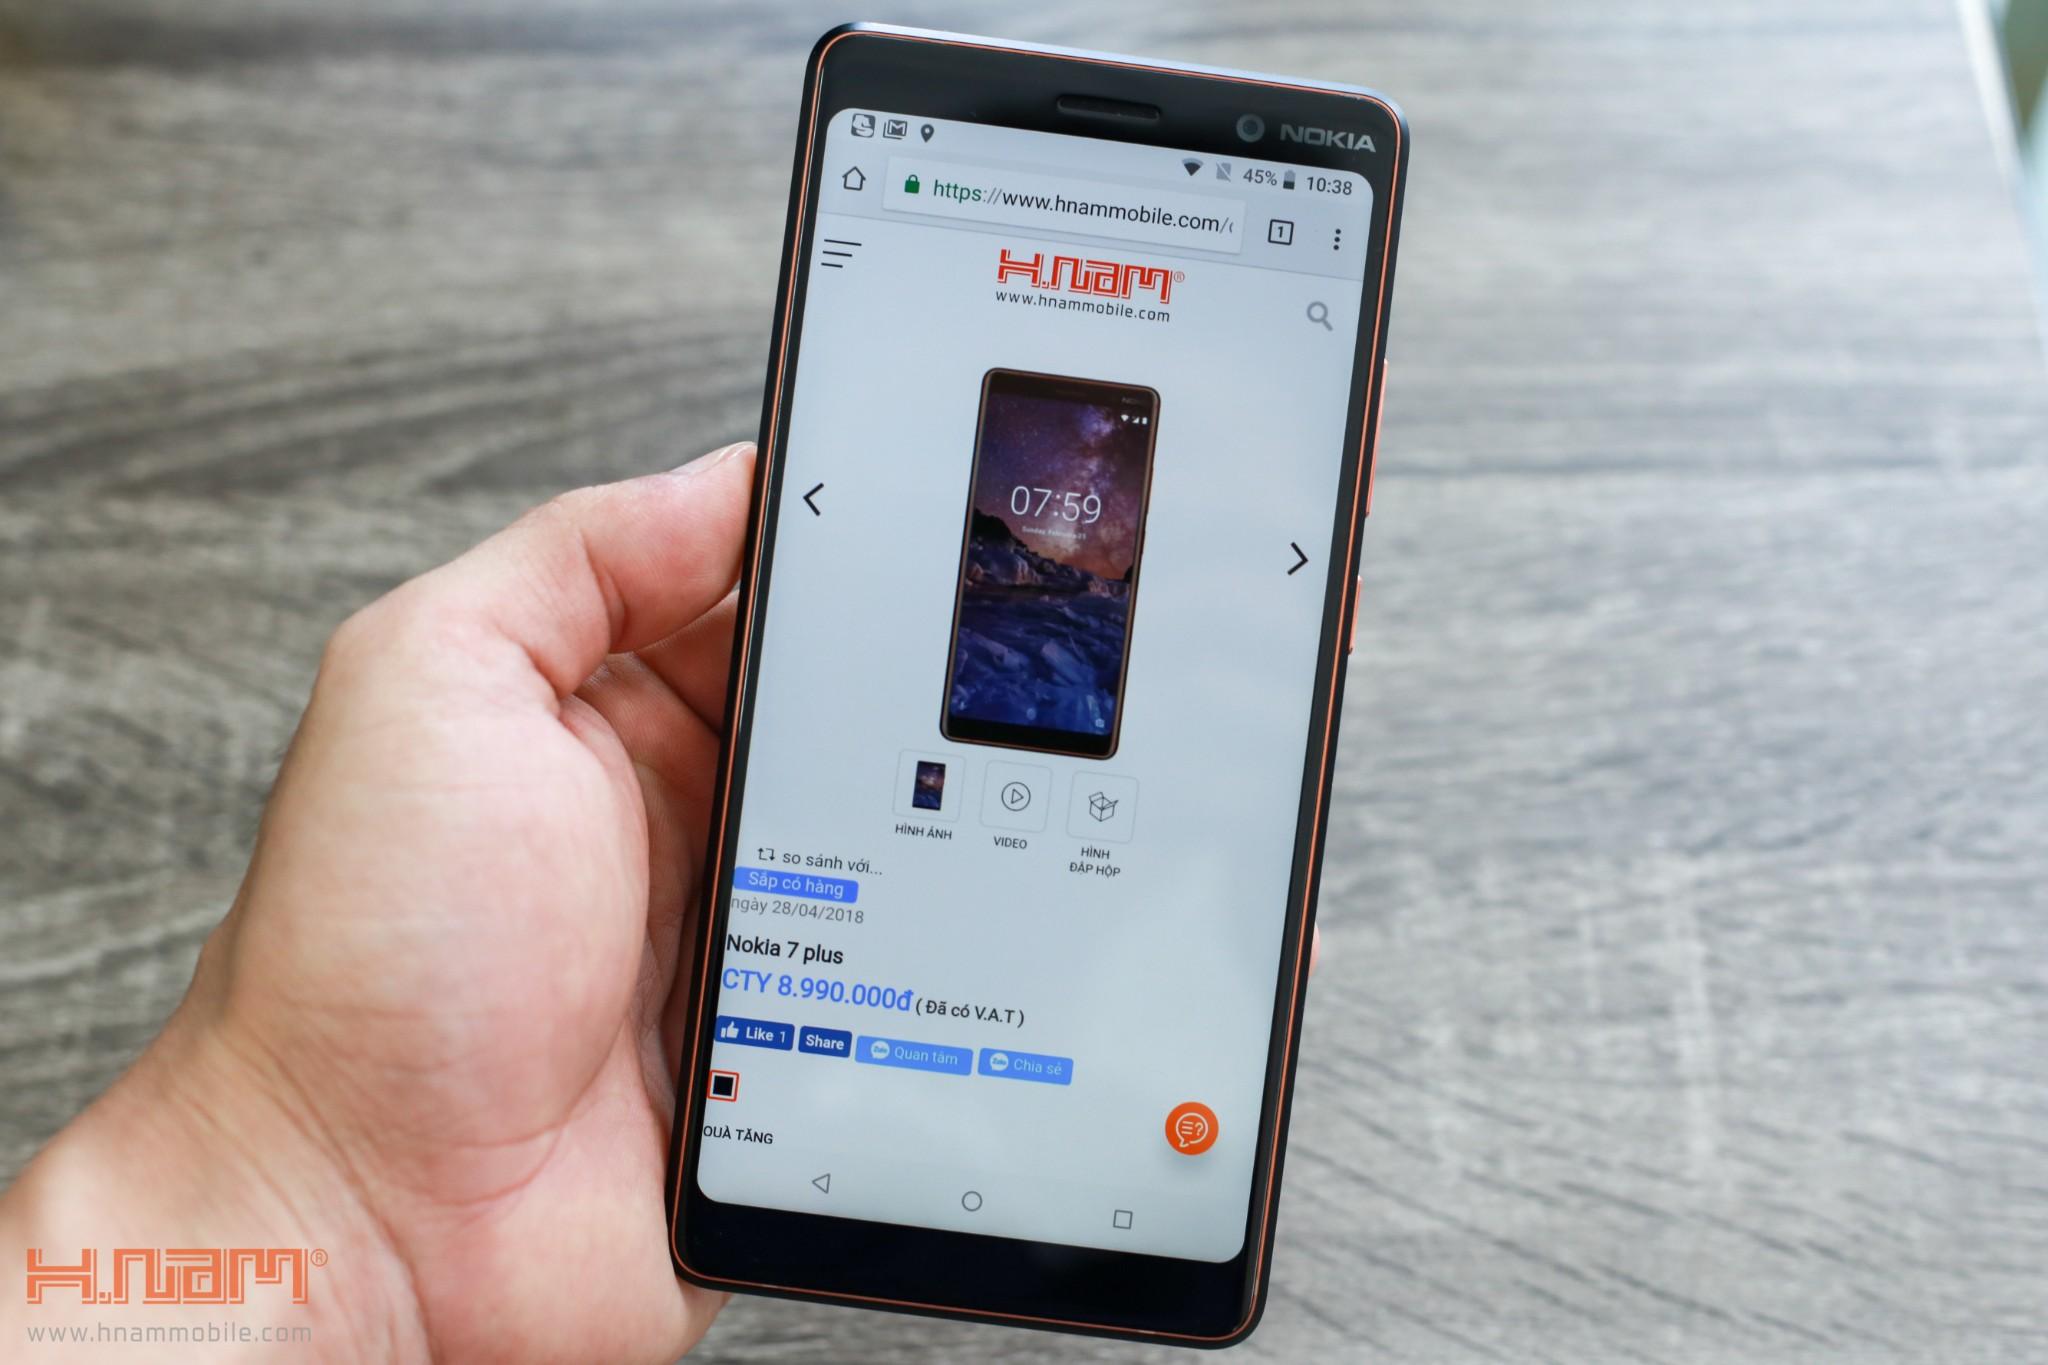 Trên tay Nokia 7 Plus: Smartphone Nokia đầu tiên có màn hình 18:9 hình 2